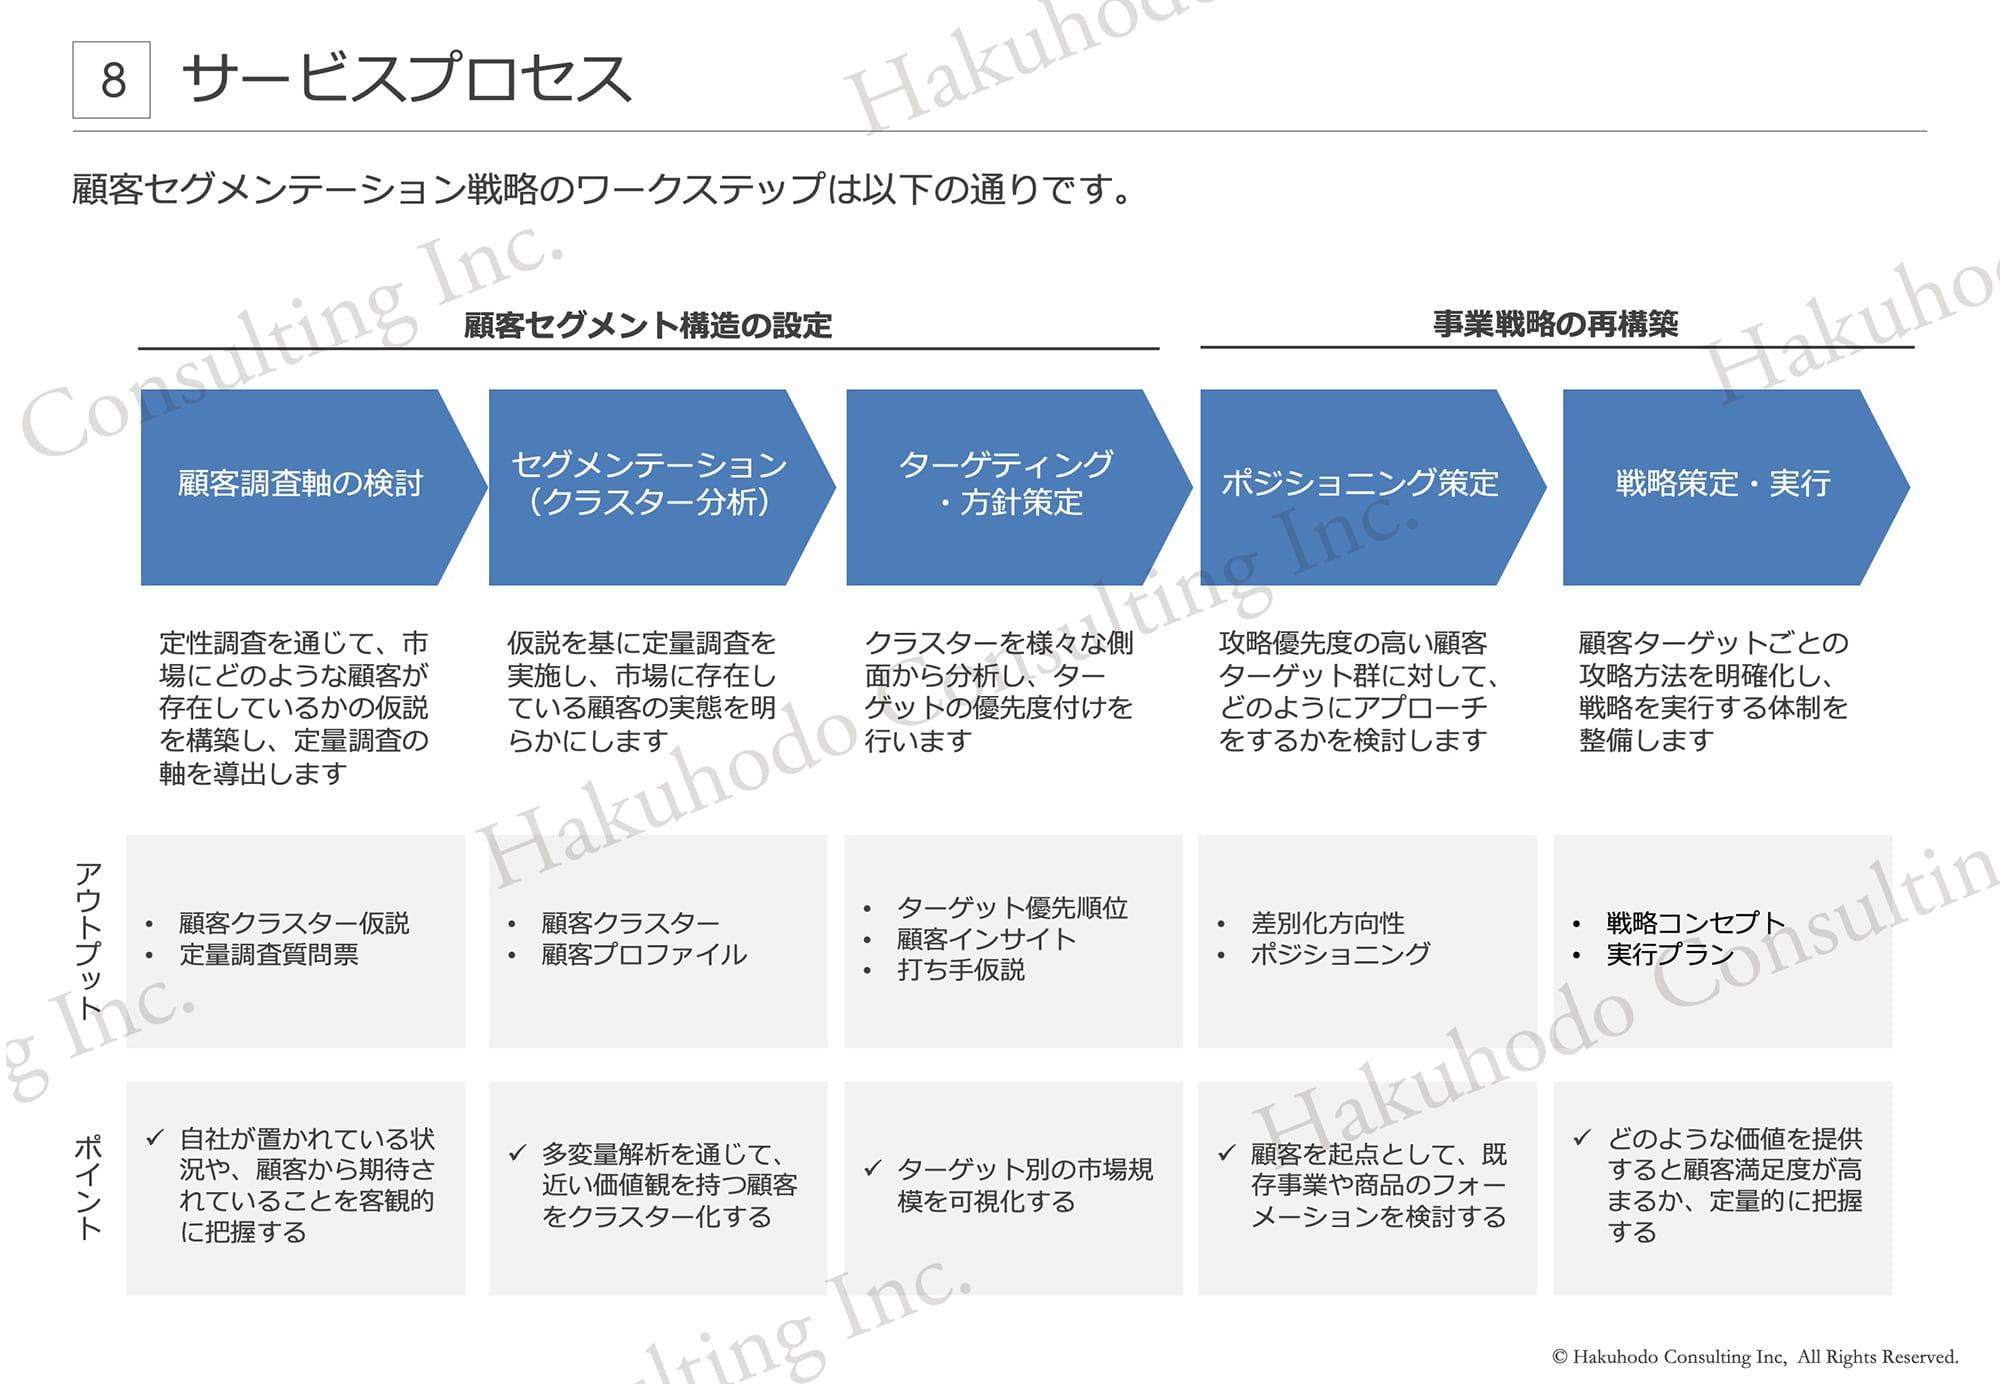 顧客セグメンテーション戦略のワークステップは以下の通りです。